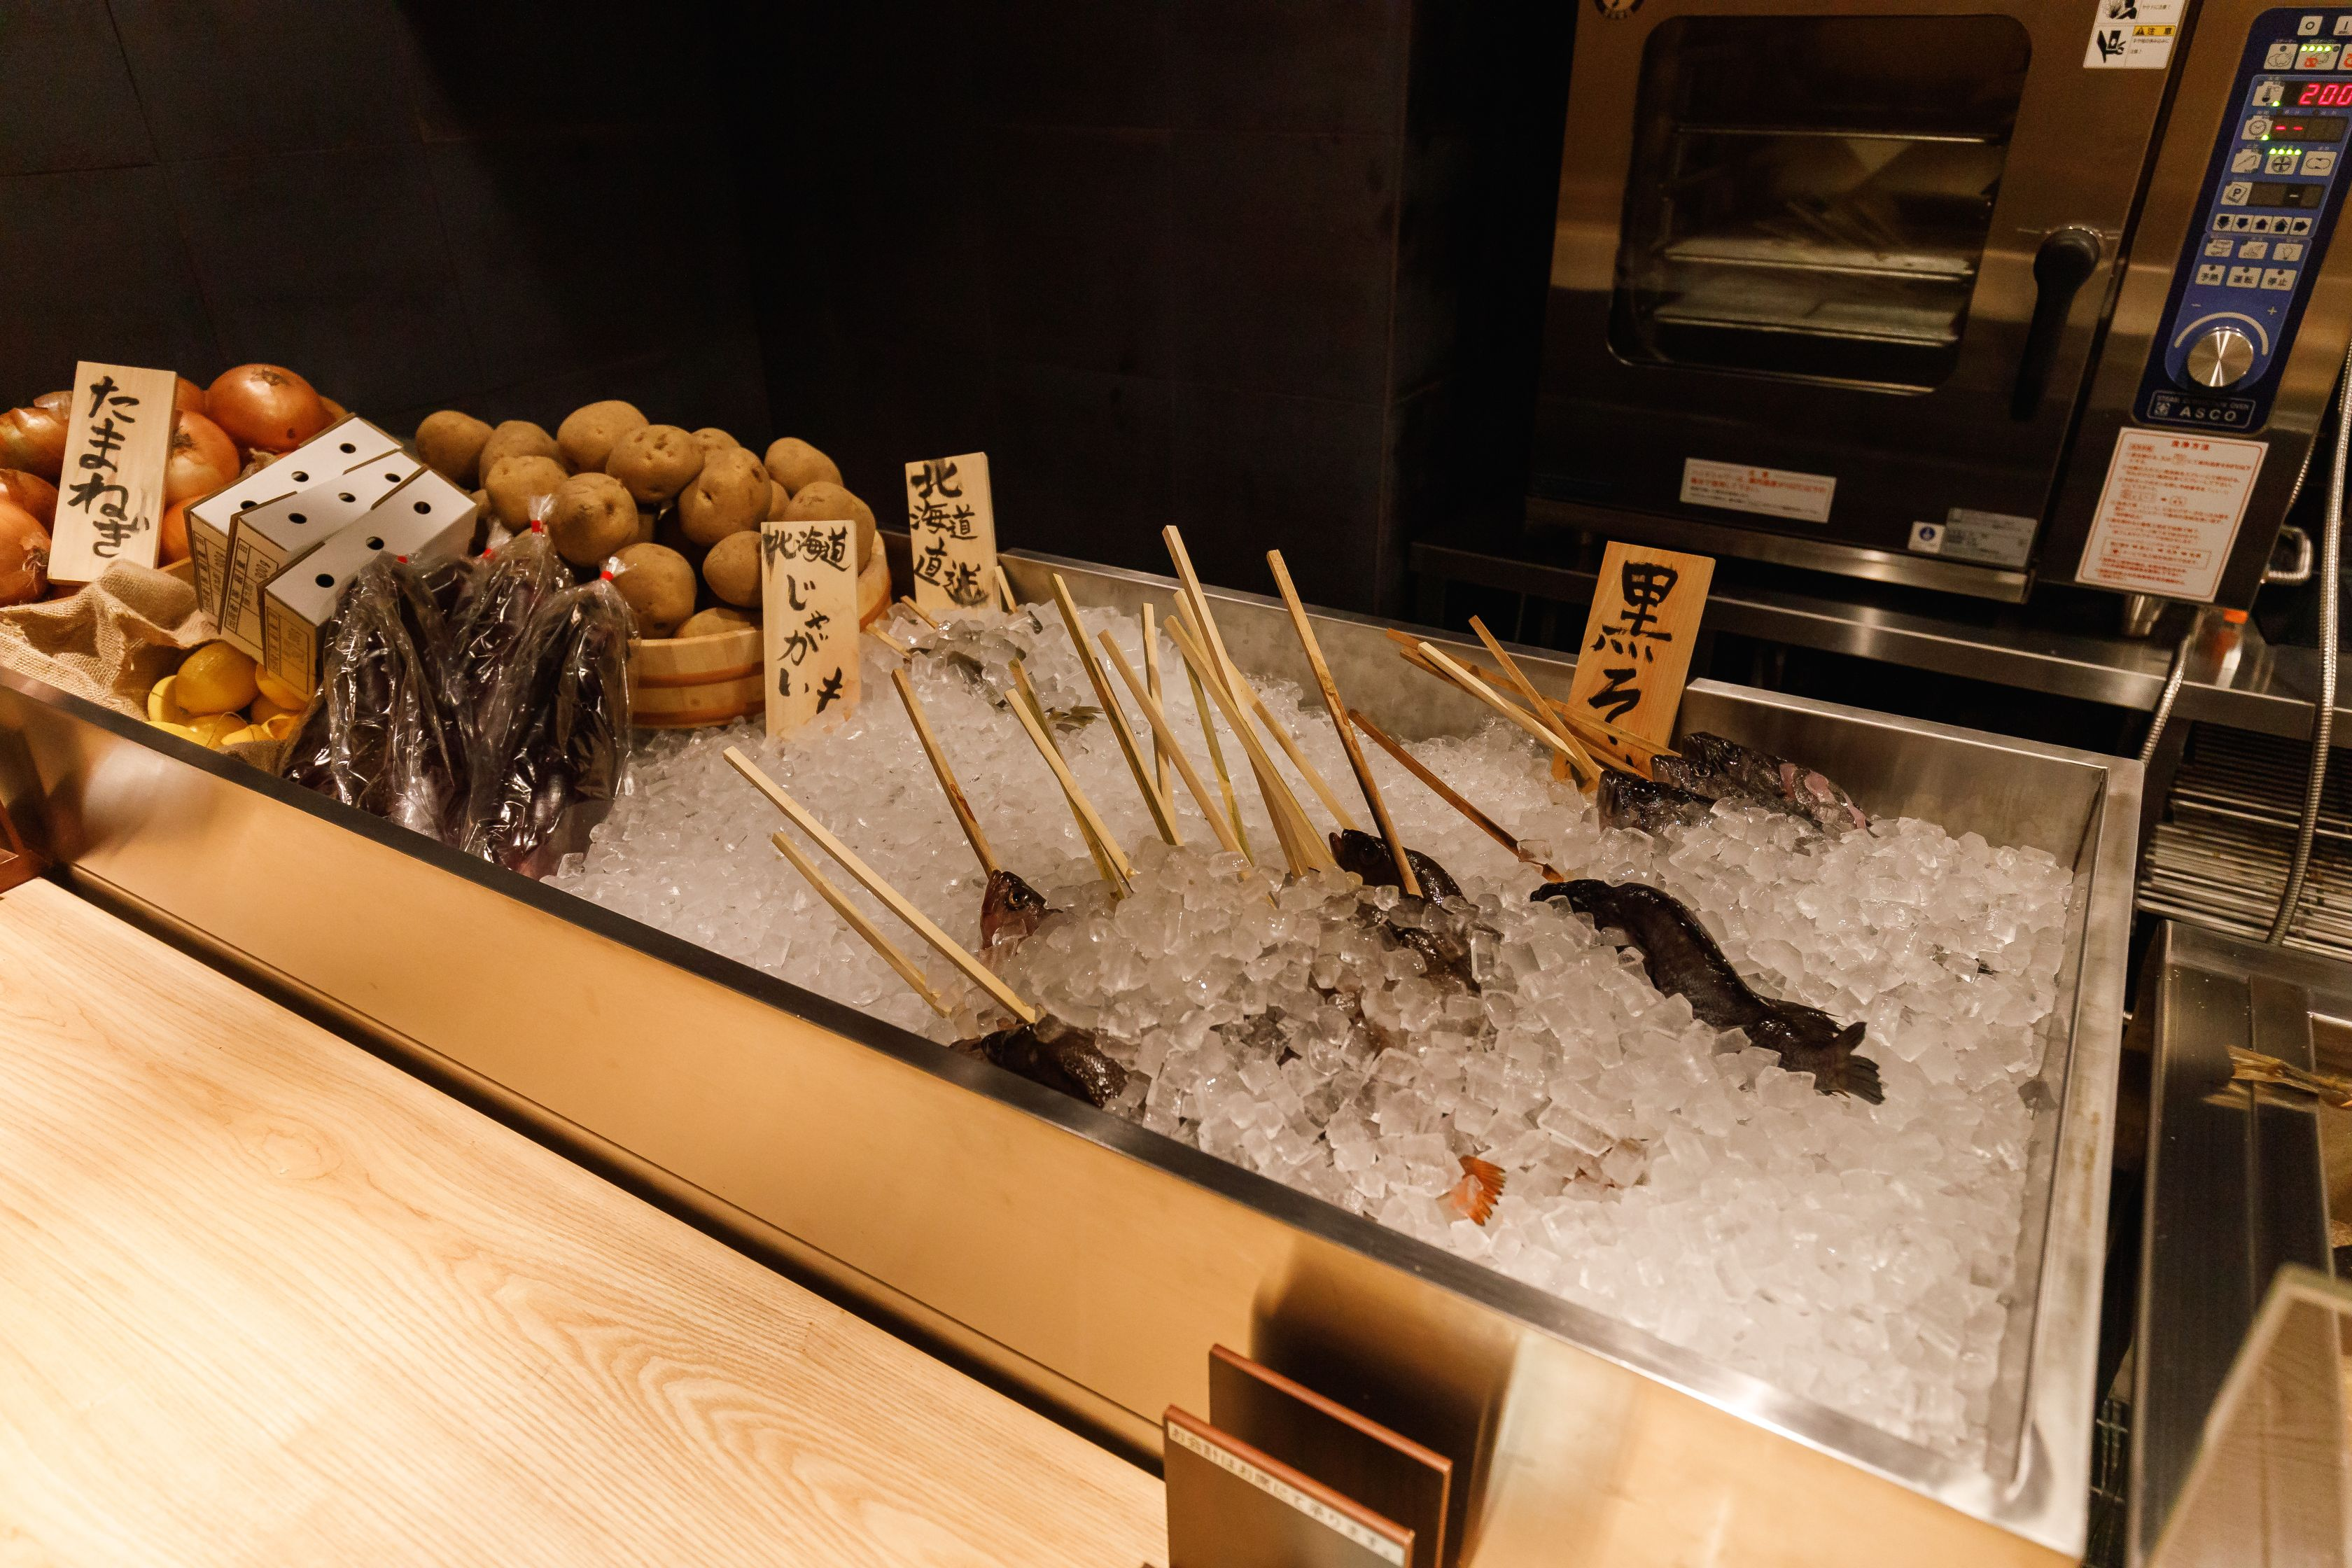 香ばしい炉端焼きでもてなす「ろばたの魚炉米」&4ジャンル超えた料理を楽しむ「GRAND KAZAN ~グランカザン~」 - MG 2143